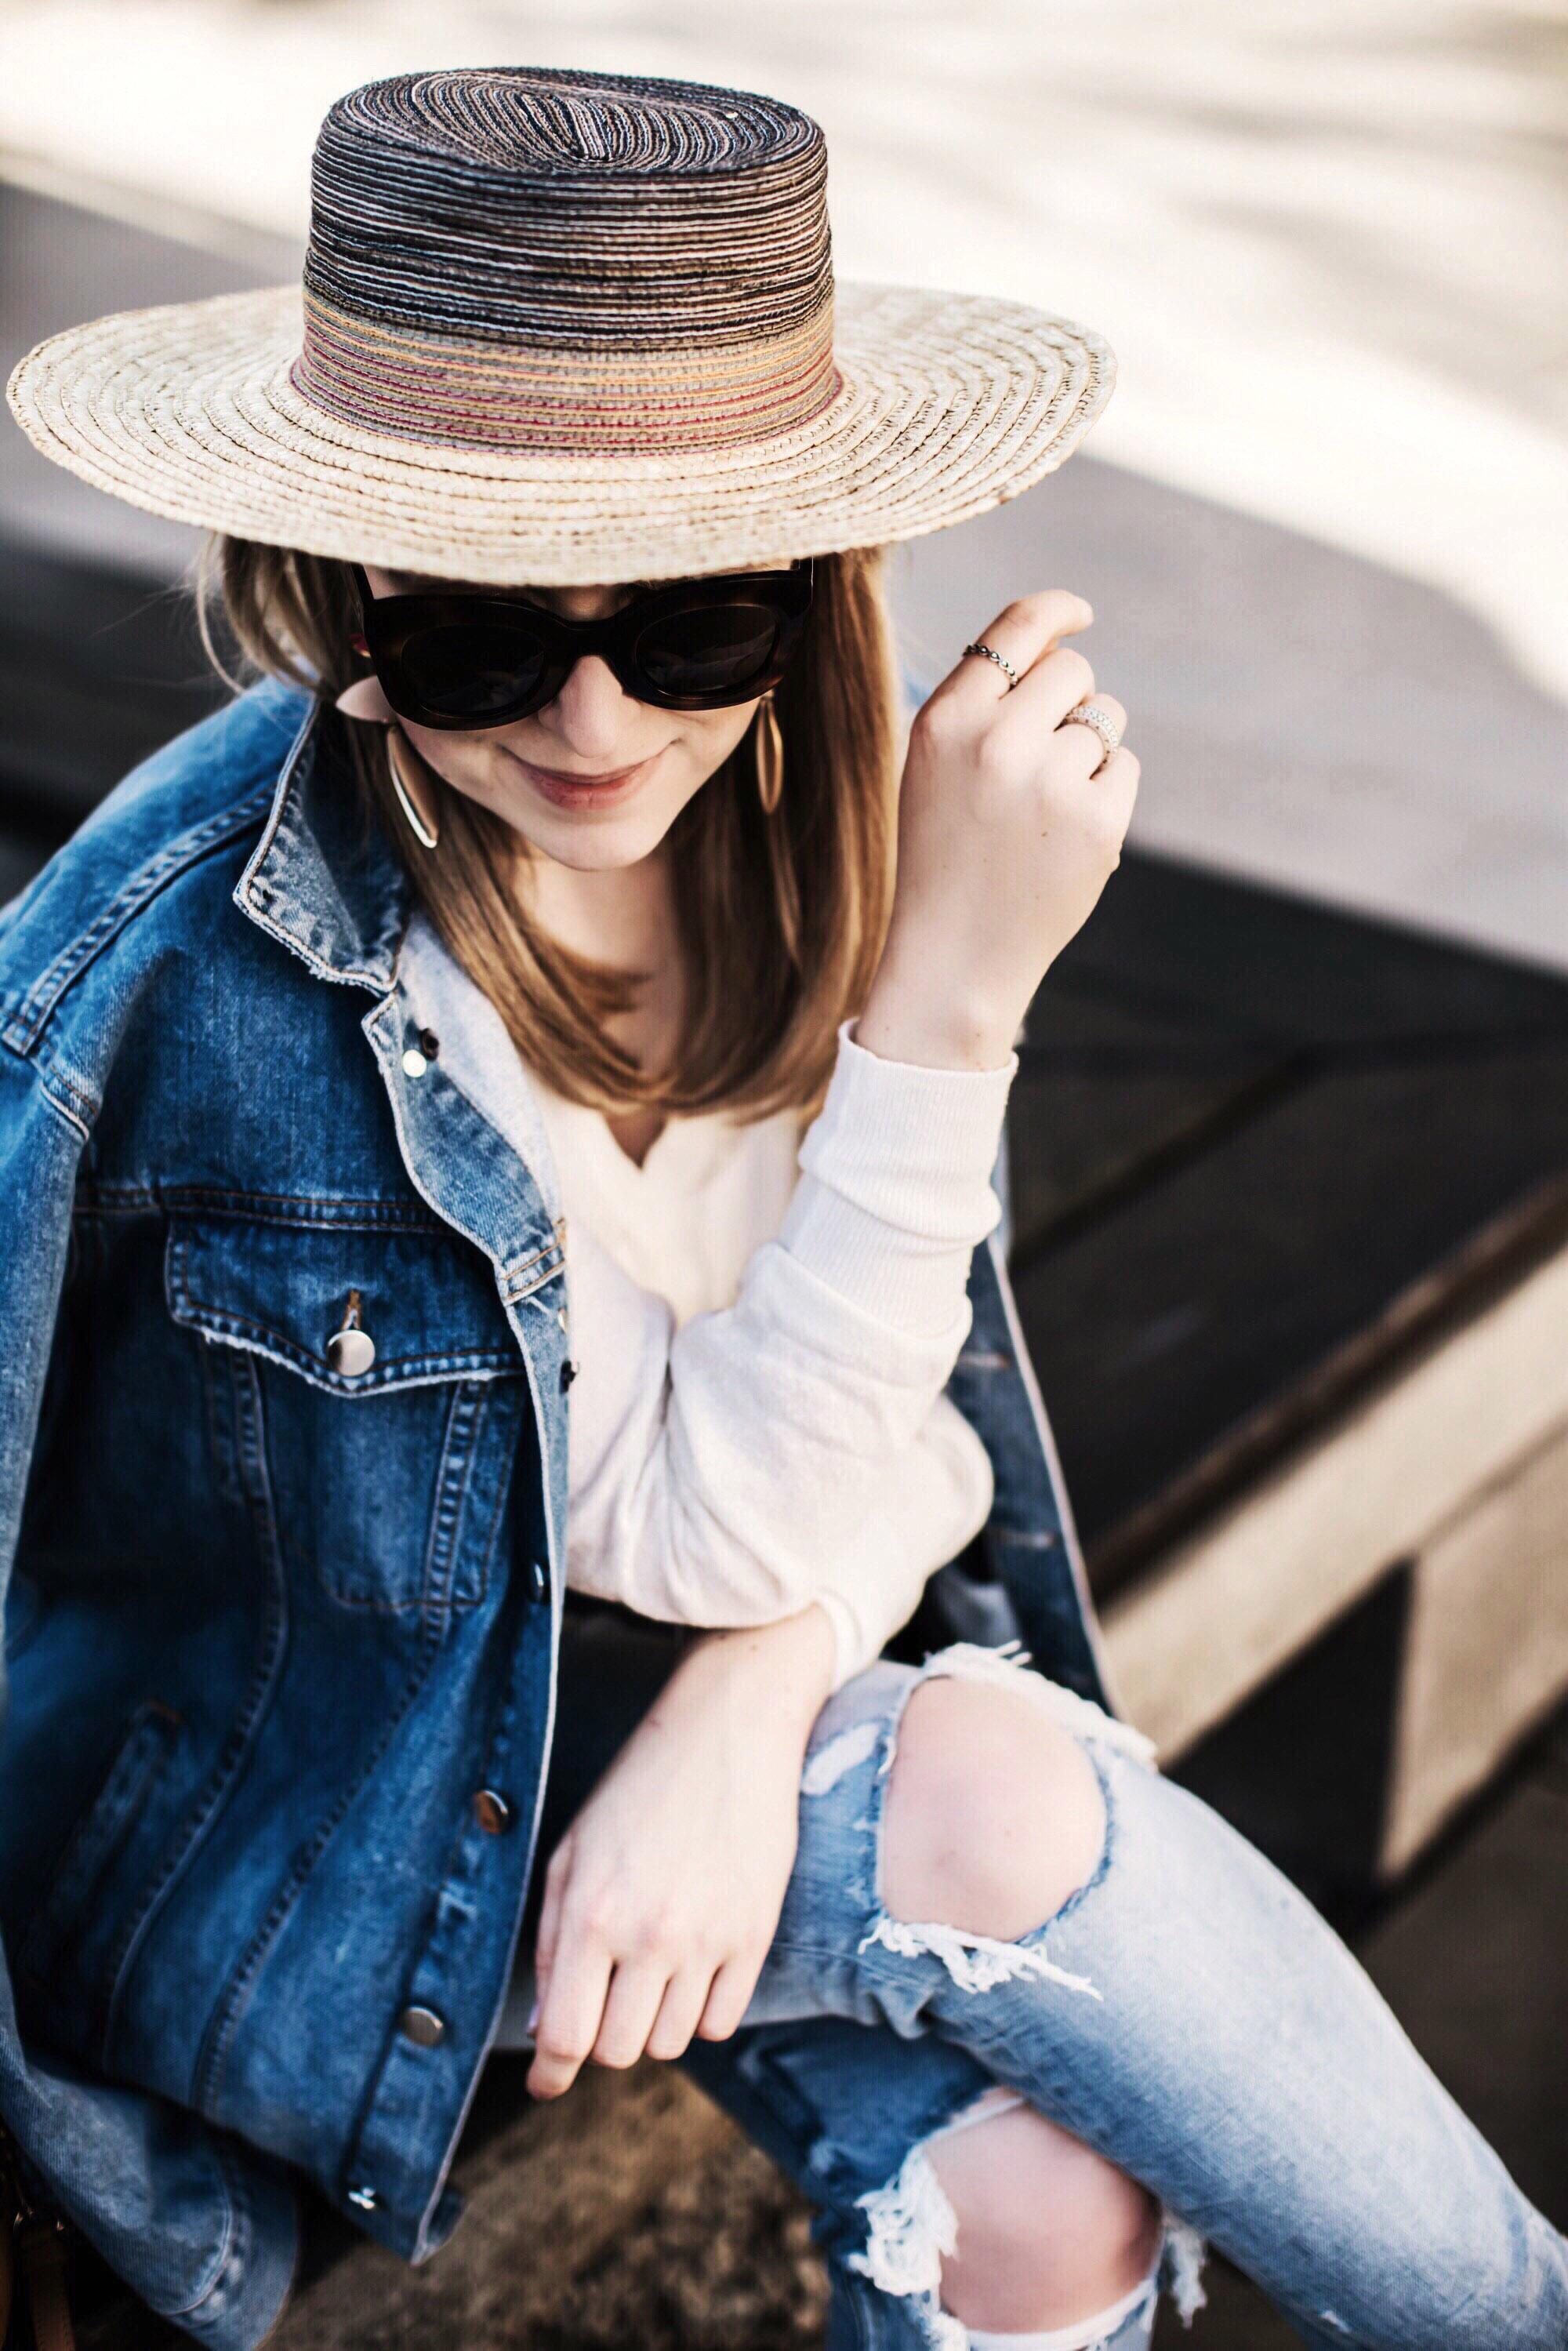 fruehlingsoutfit zara jeansjacke endlich sonne weekly update